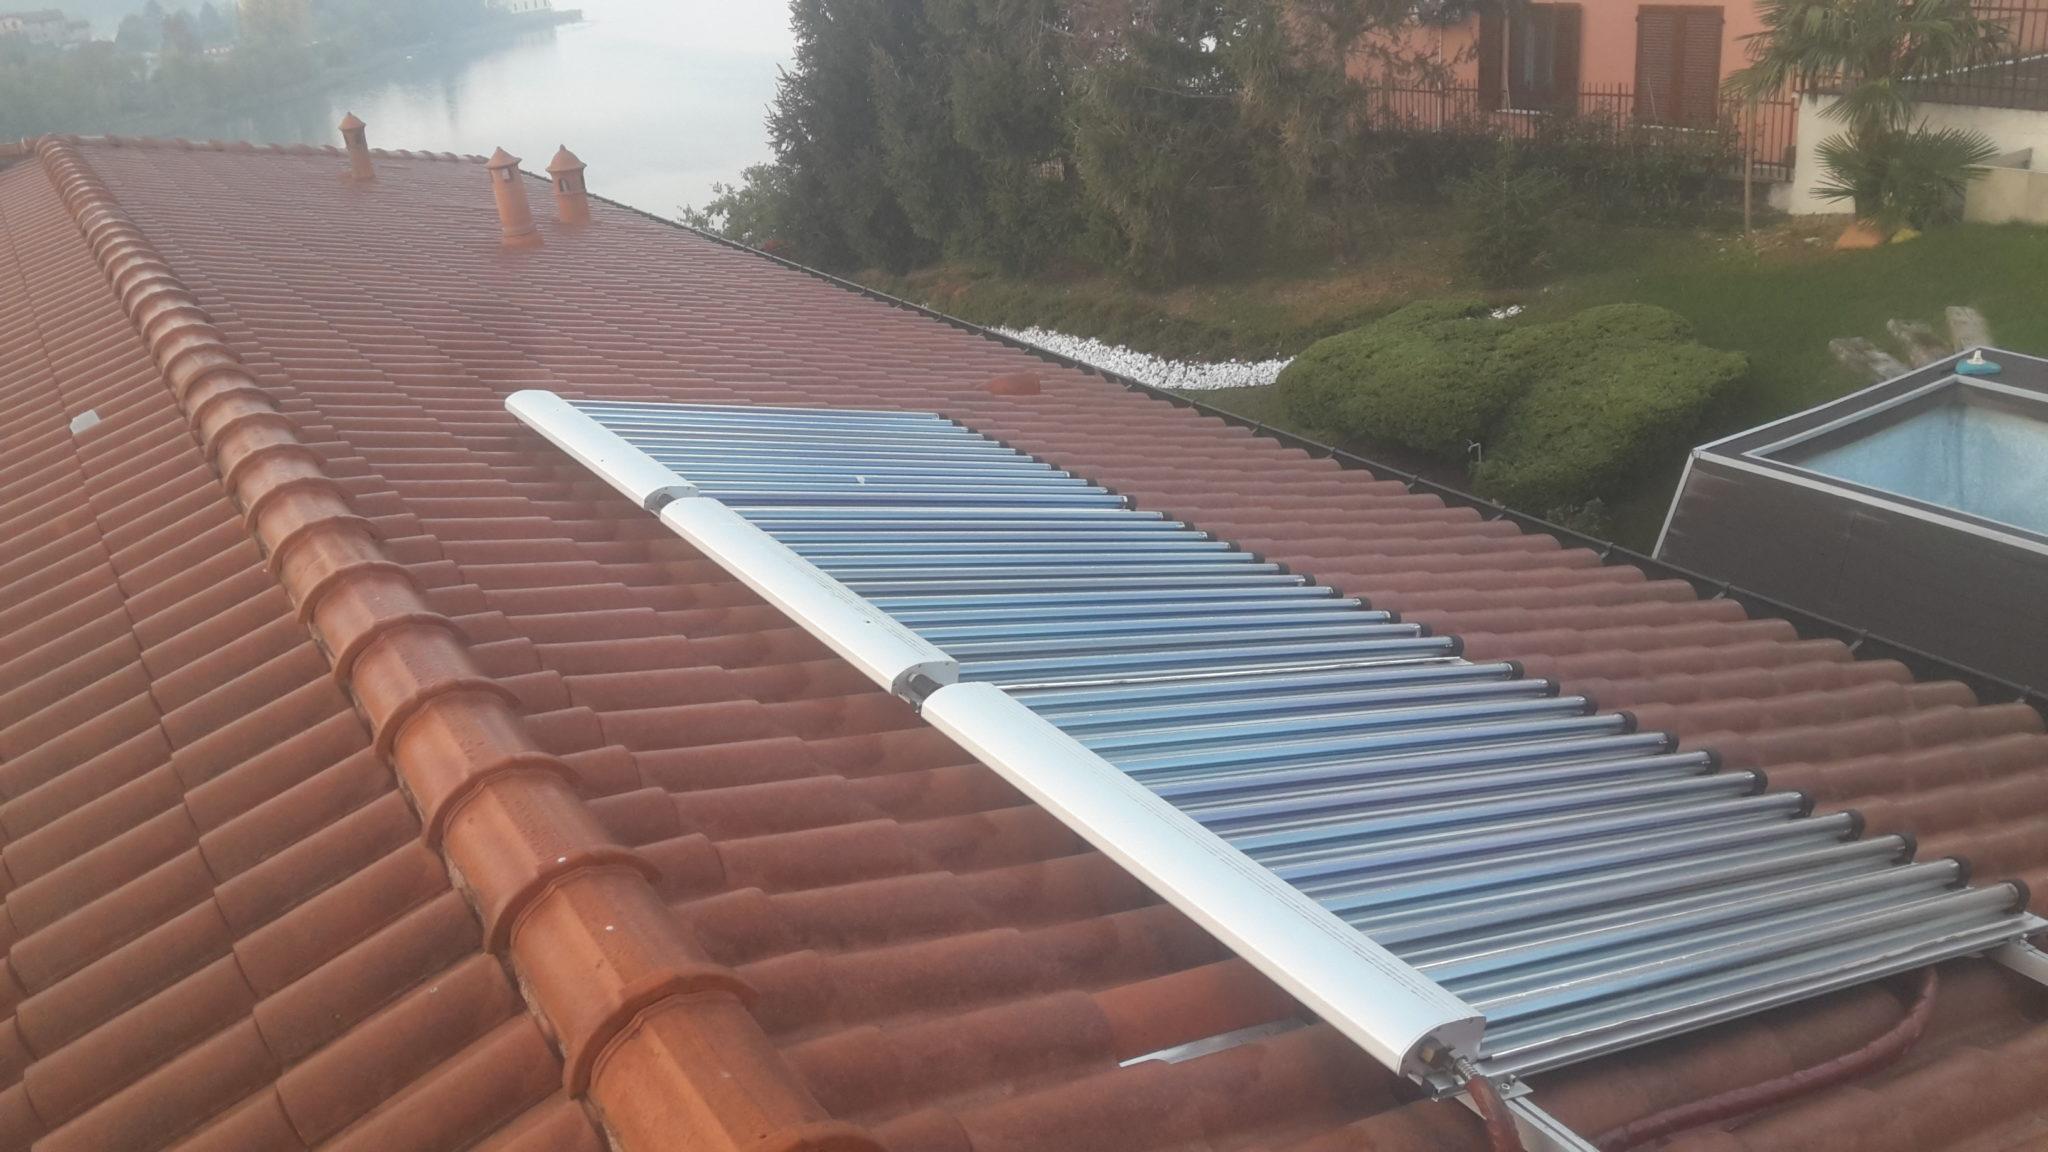 caldare l'acqua della piscina - pannelli solari sul tetto